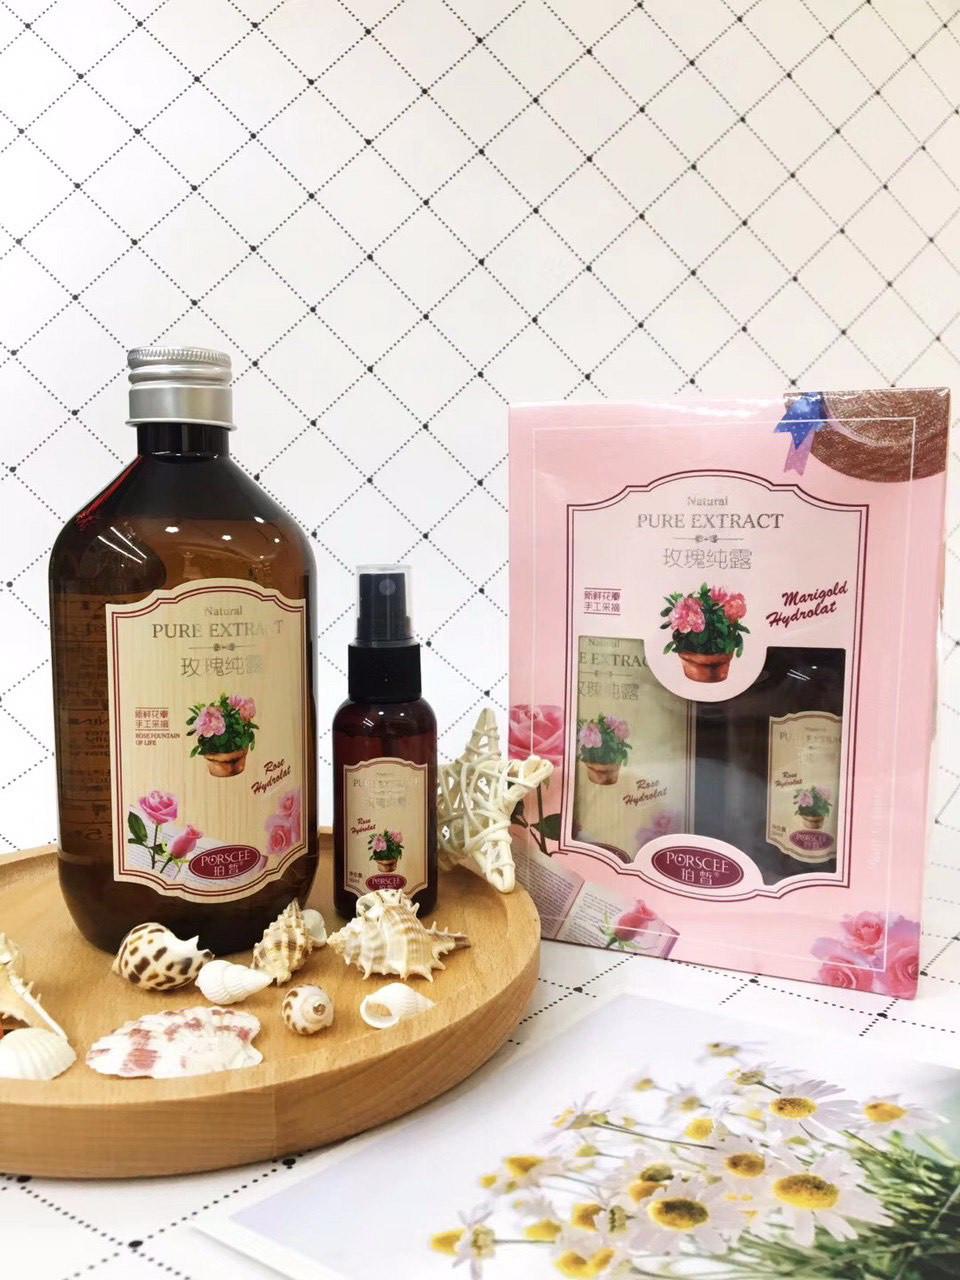 Корейский натуральный увлажняющий тонер с экстрактом розы Rose Extract Toner